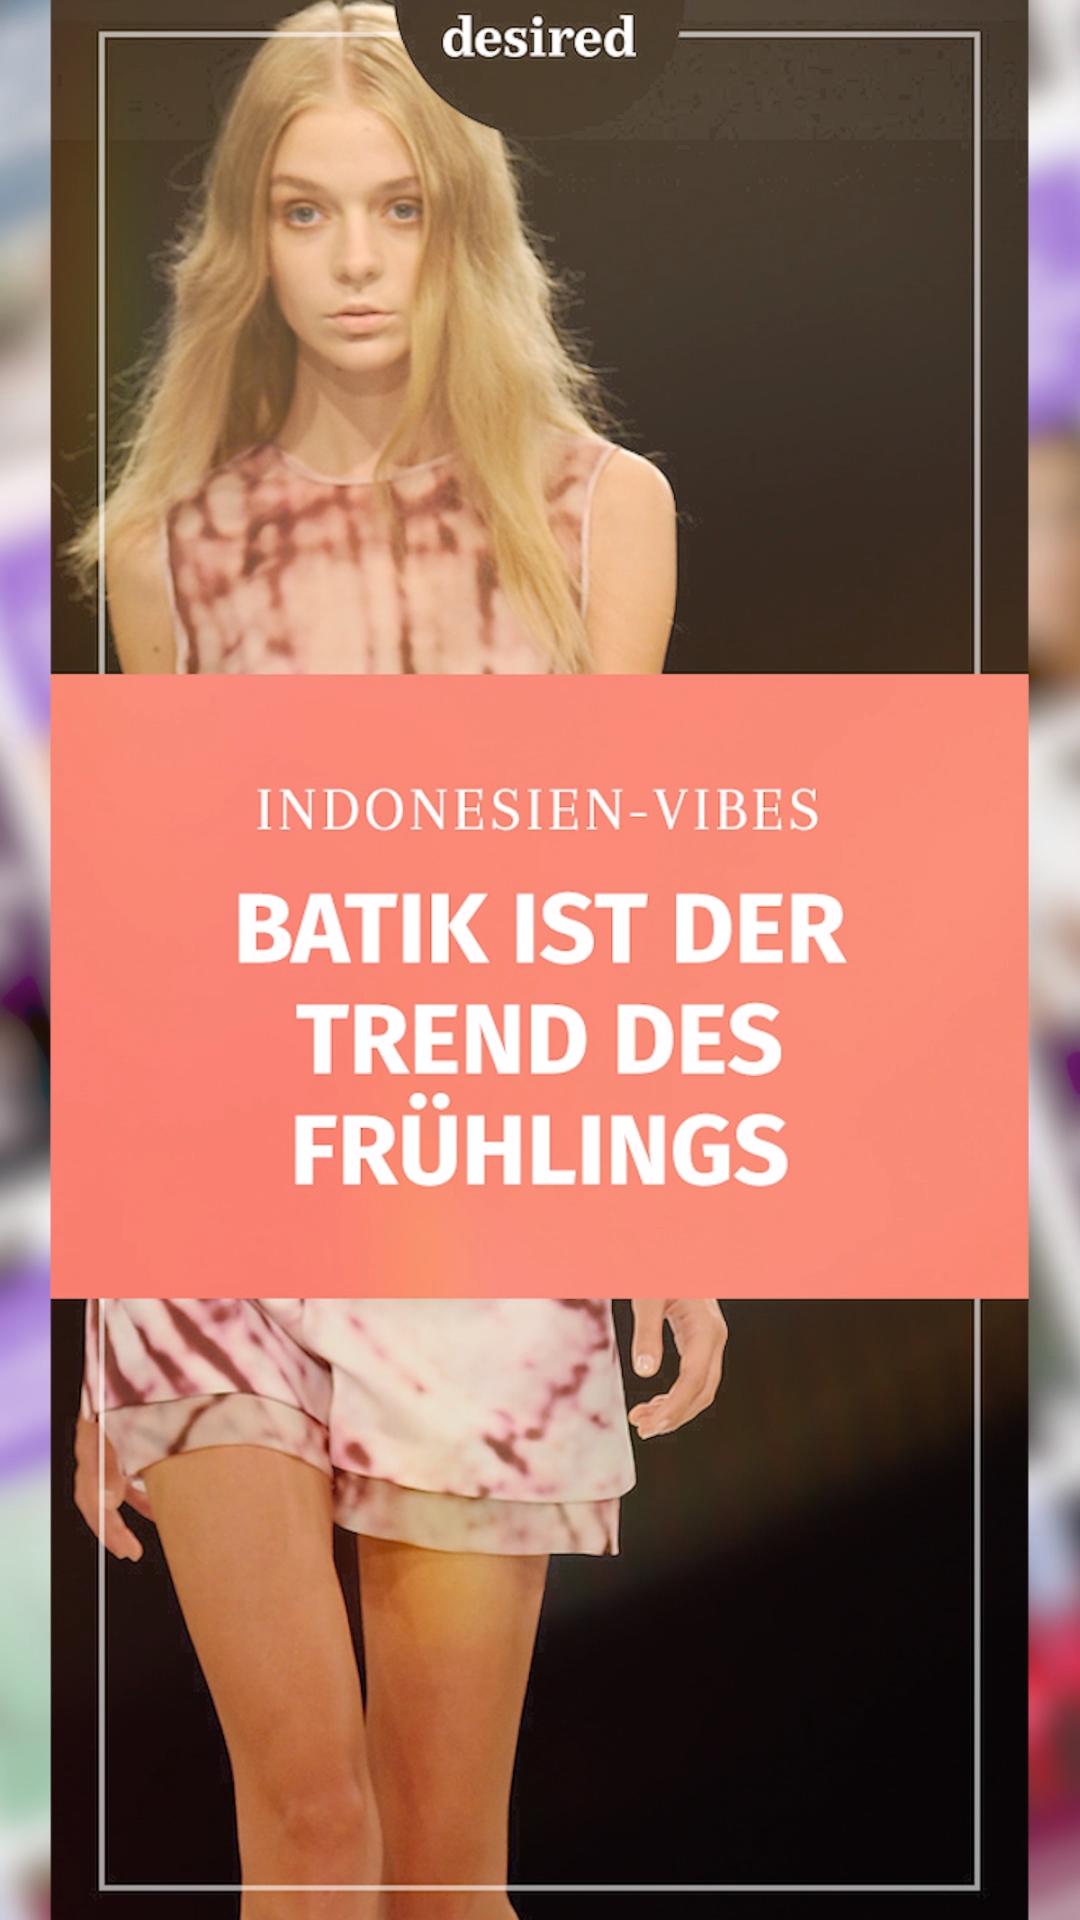 Auf den Festivals hat es sich im vergangenen Jahr bereits angekündigt, jetzt ist es offiziell: Der Batik-Look der 90er feiert sein großes Comeback! Diese 4 Varianten garantieren dir einen Wahnsinns-Auftritt im Batik-Look! #batik #trend2019 #fashion #frühling #spring #ankaramode